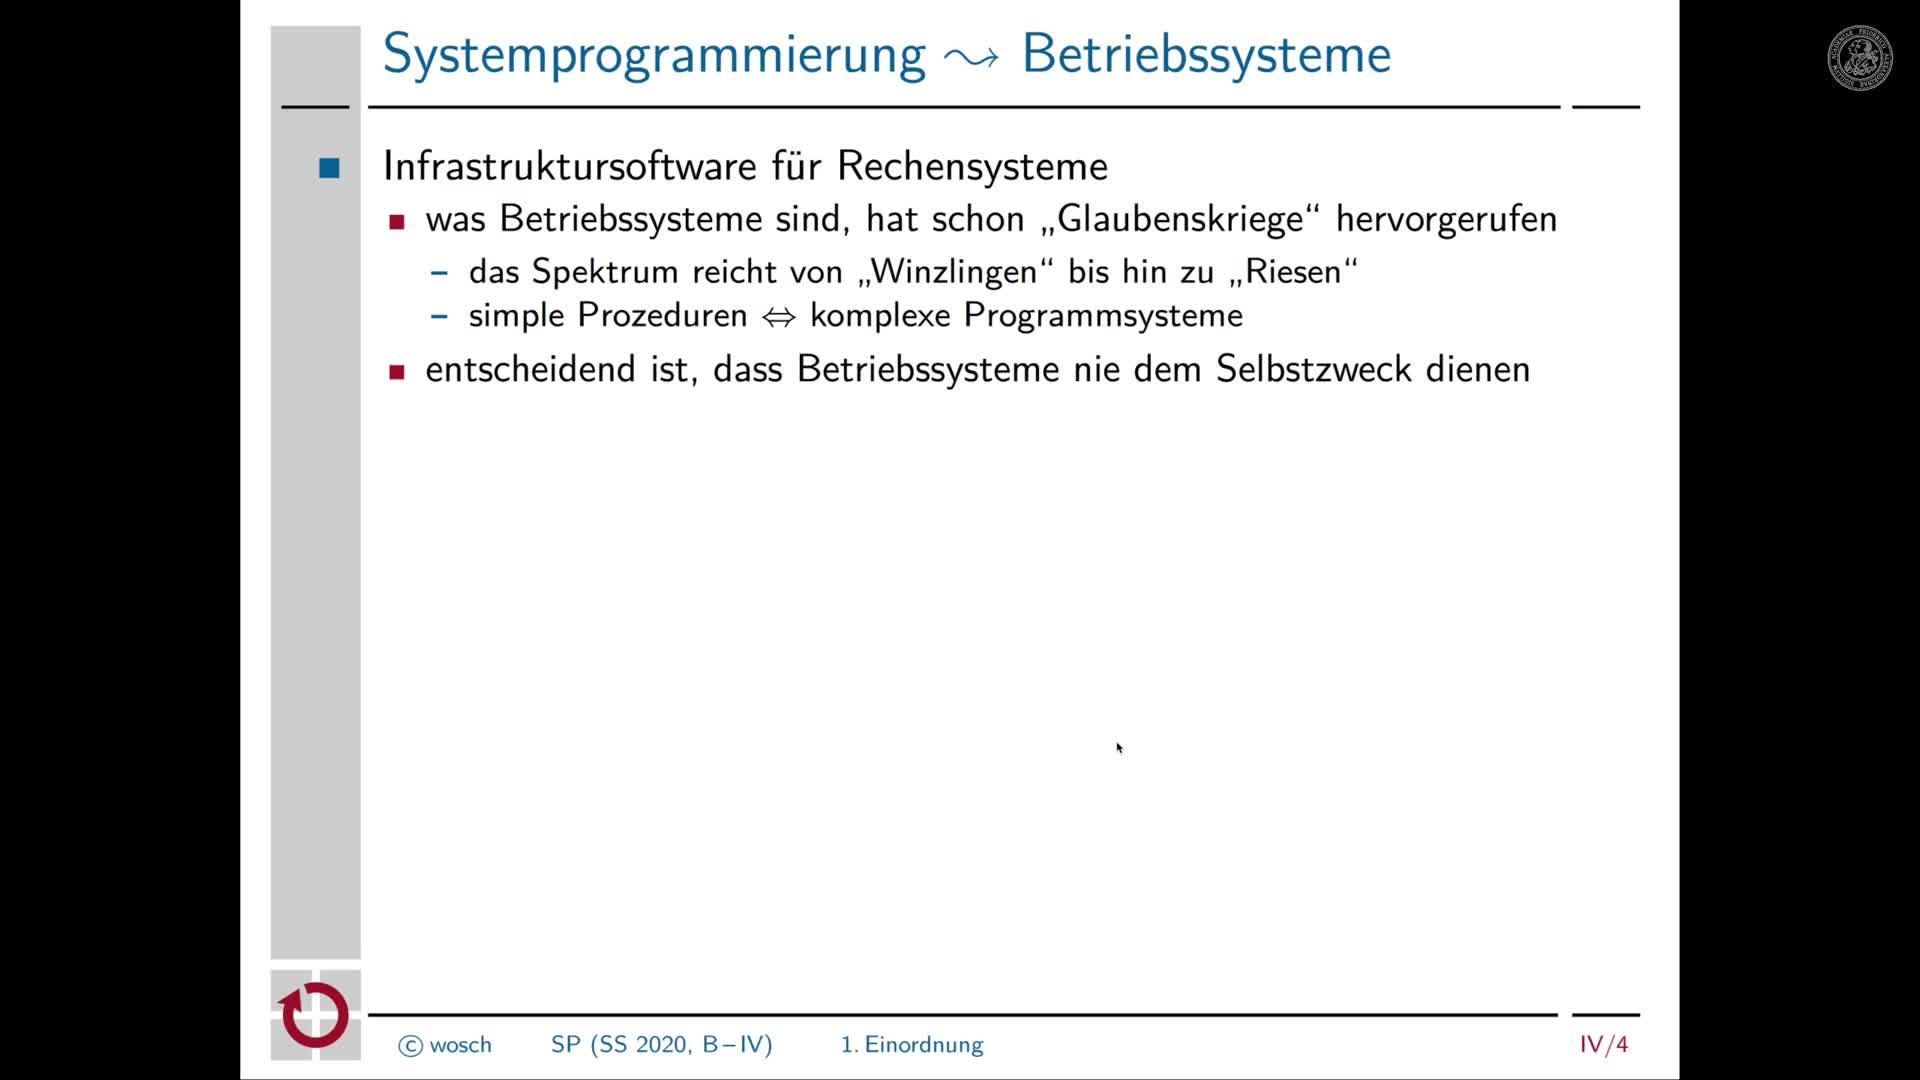 4.2 Einleitung: Einordnung von Systemprogrammierung preview image